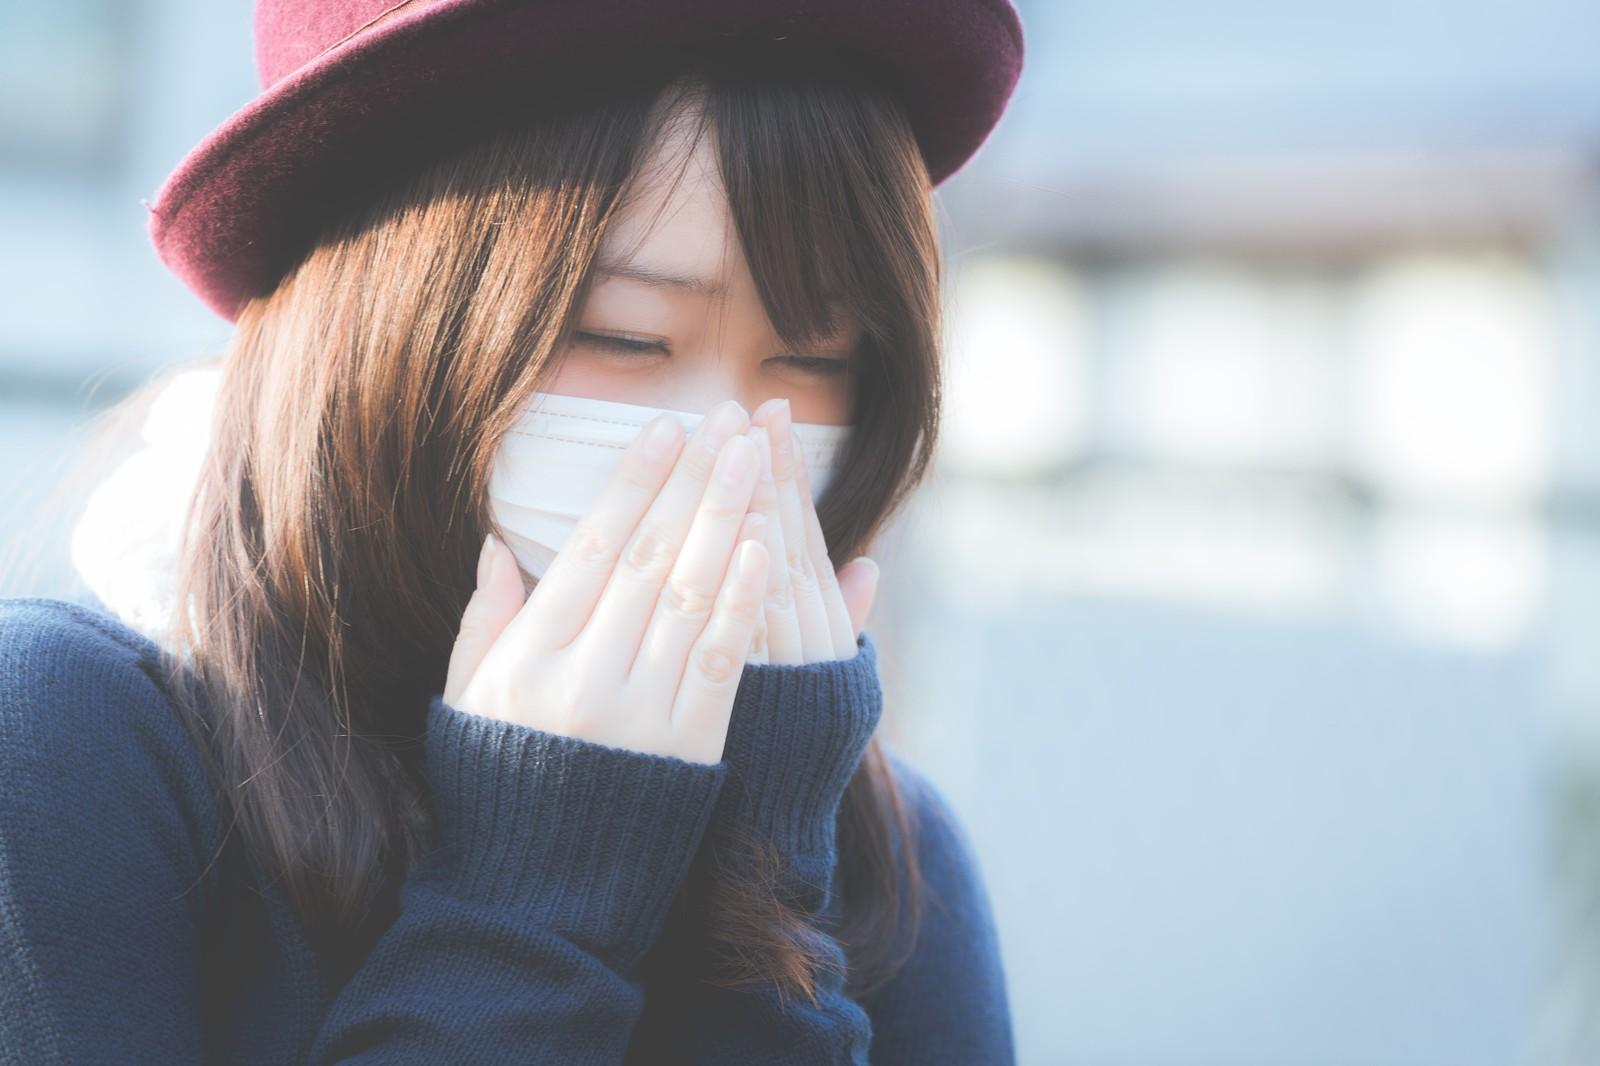 点鼻薬による眠気や薬剤性鼻炎(鼻づまり)などの副作用について